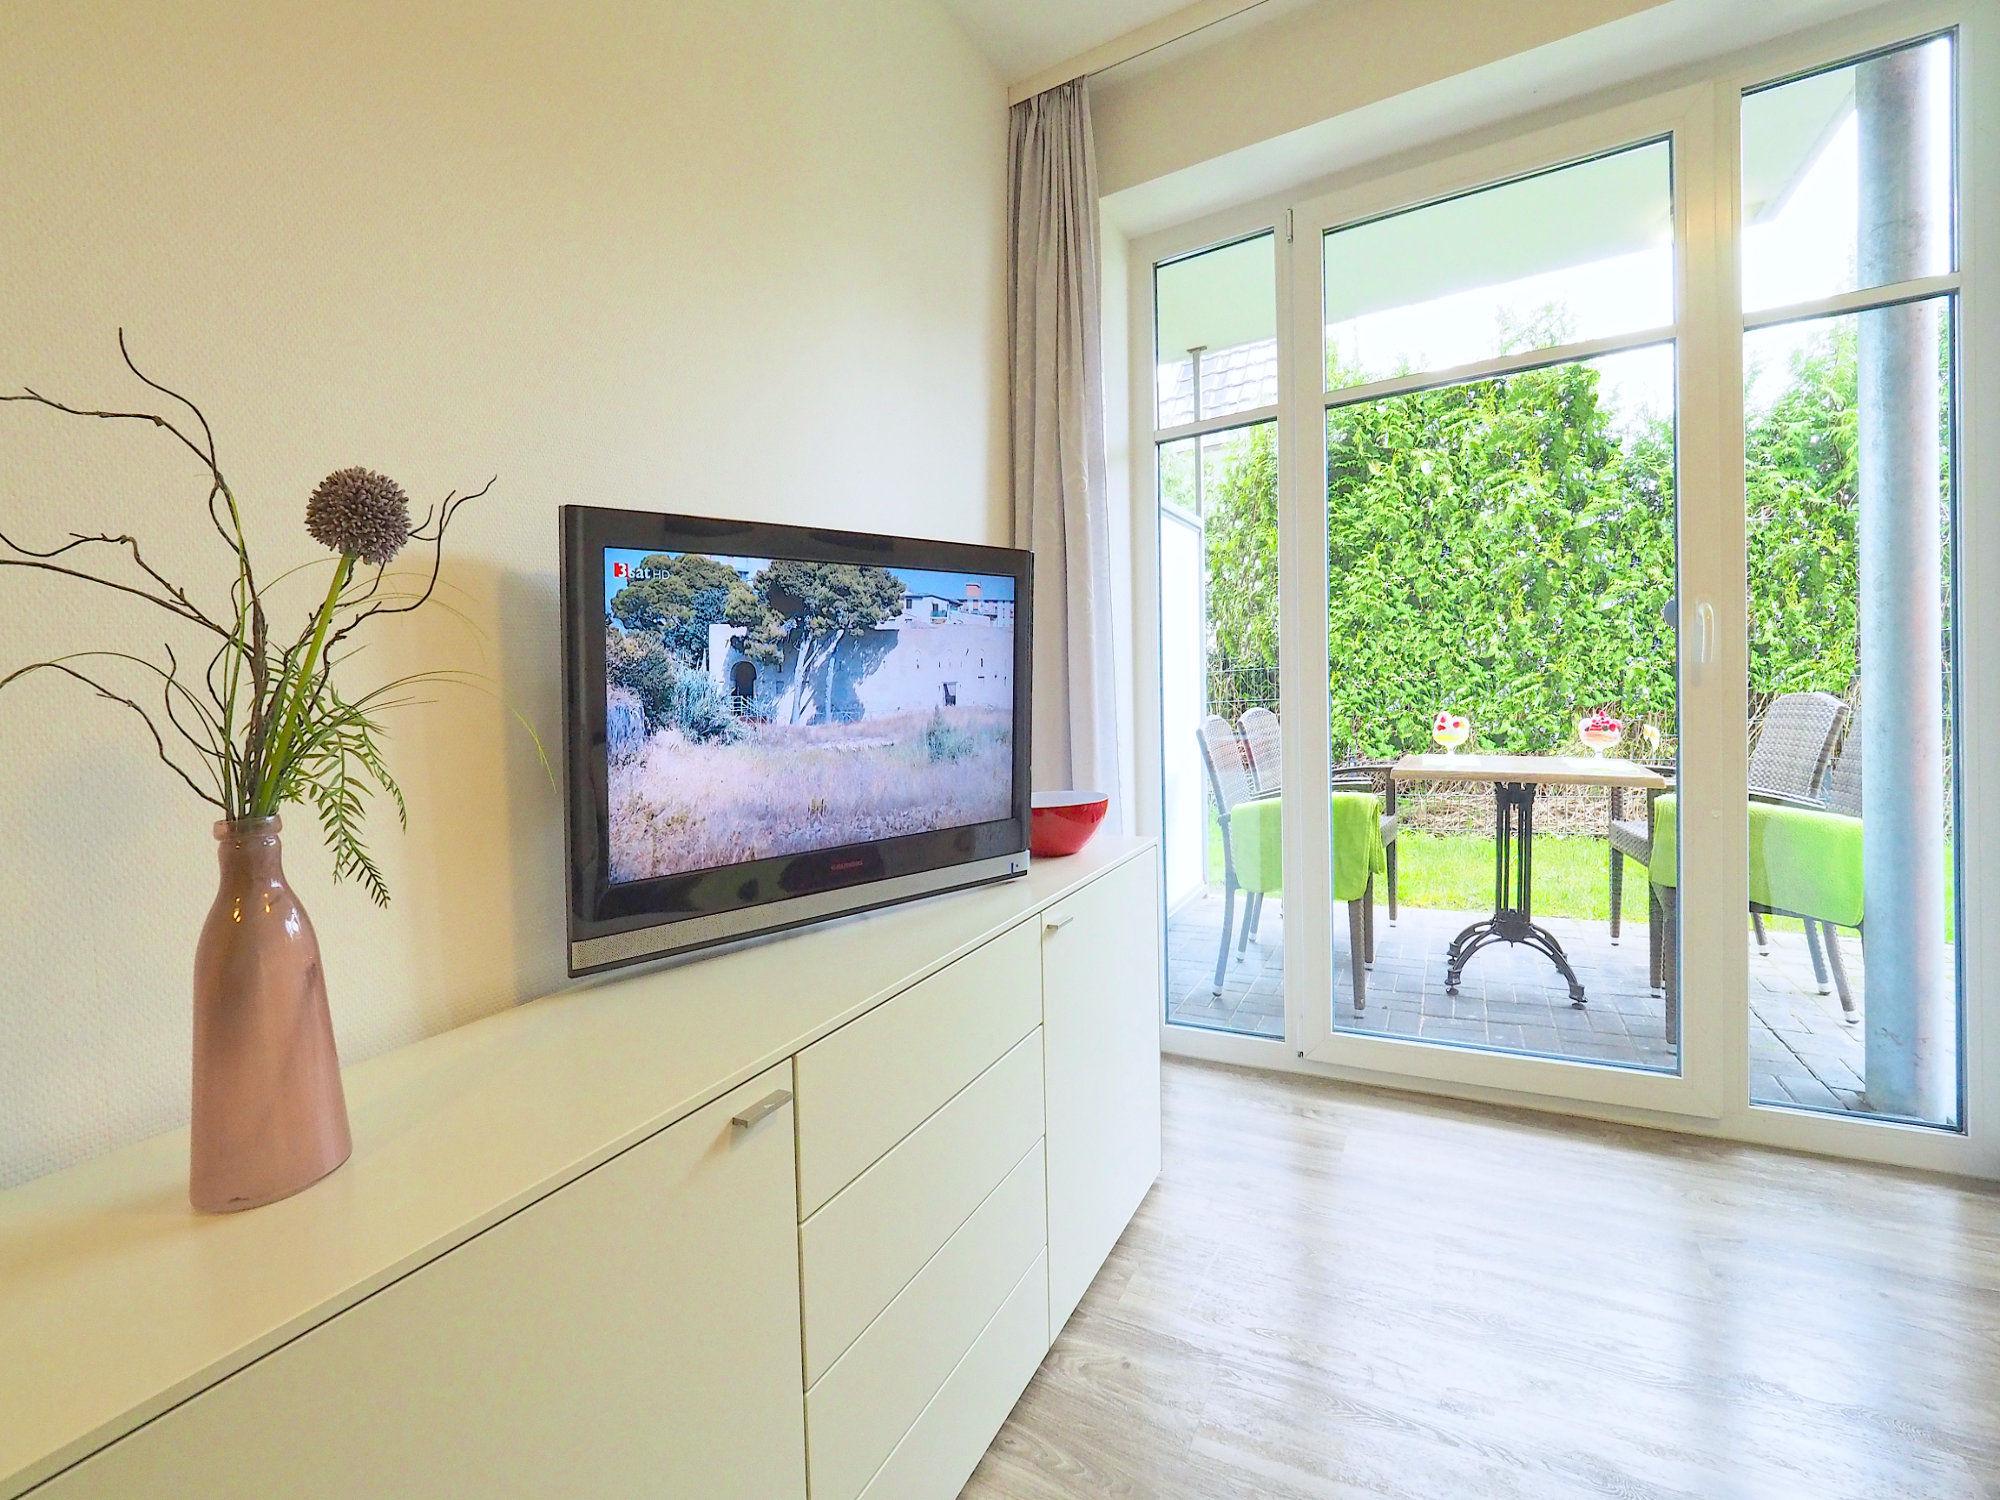 Wohnzimmer mit Sideboard und Flatscreen TV, große Terrassentür